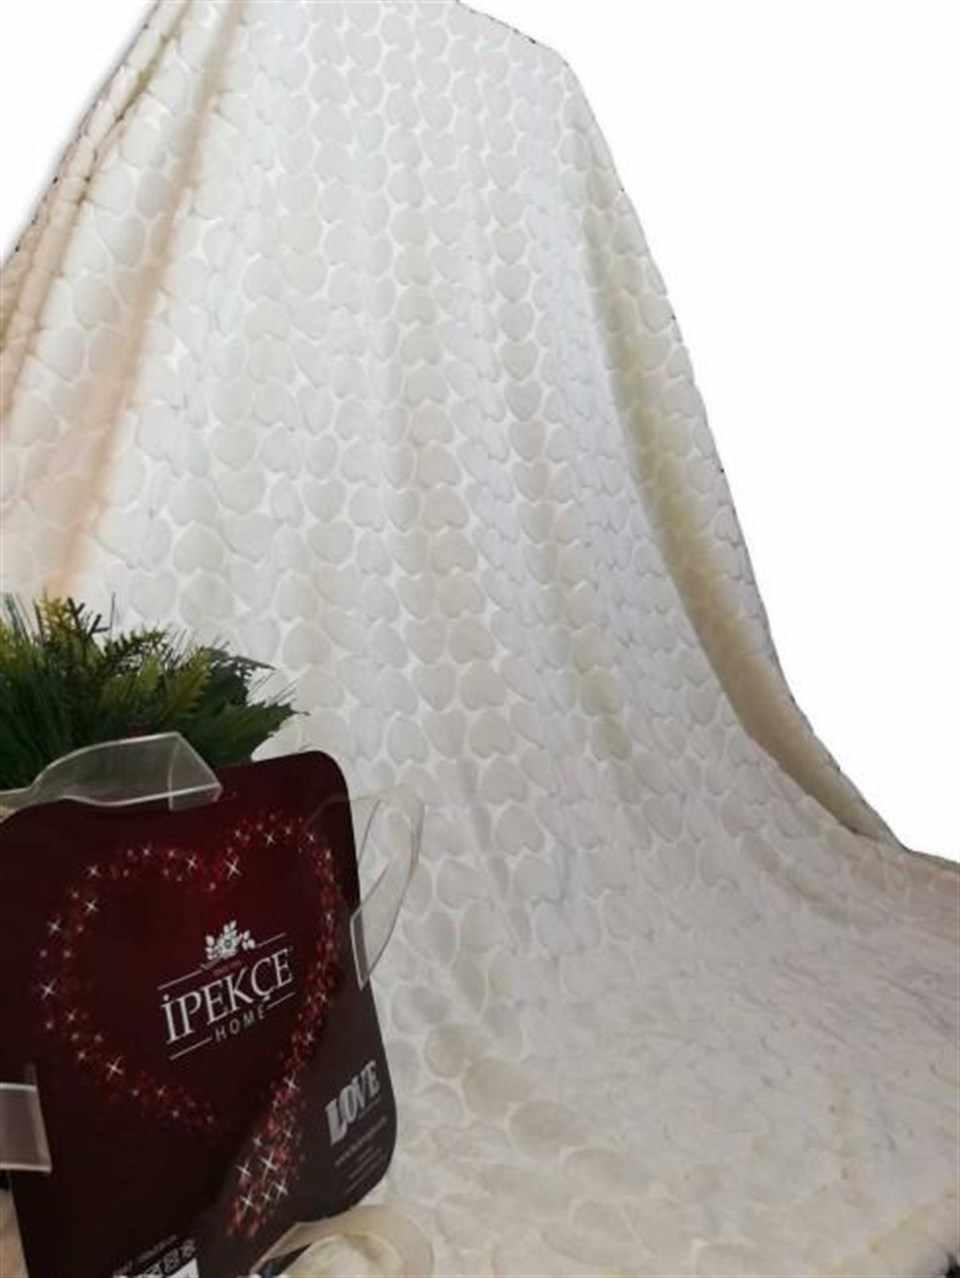 Новинка Yumuşak дома Yatak Battaniye Çift Kişilik Pelüş Kabartmalı 220*240 см Kışın Sıcak kanepe Noel Hediyesi Yatak Örtüleri